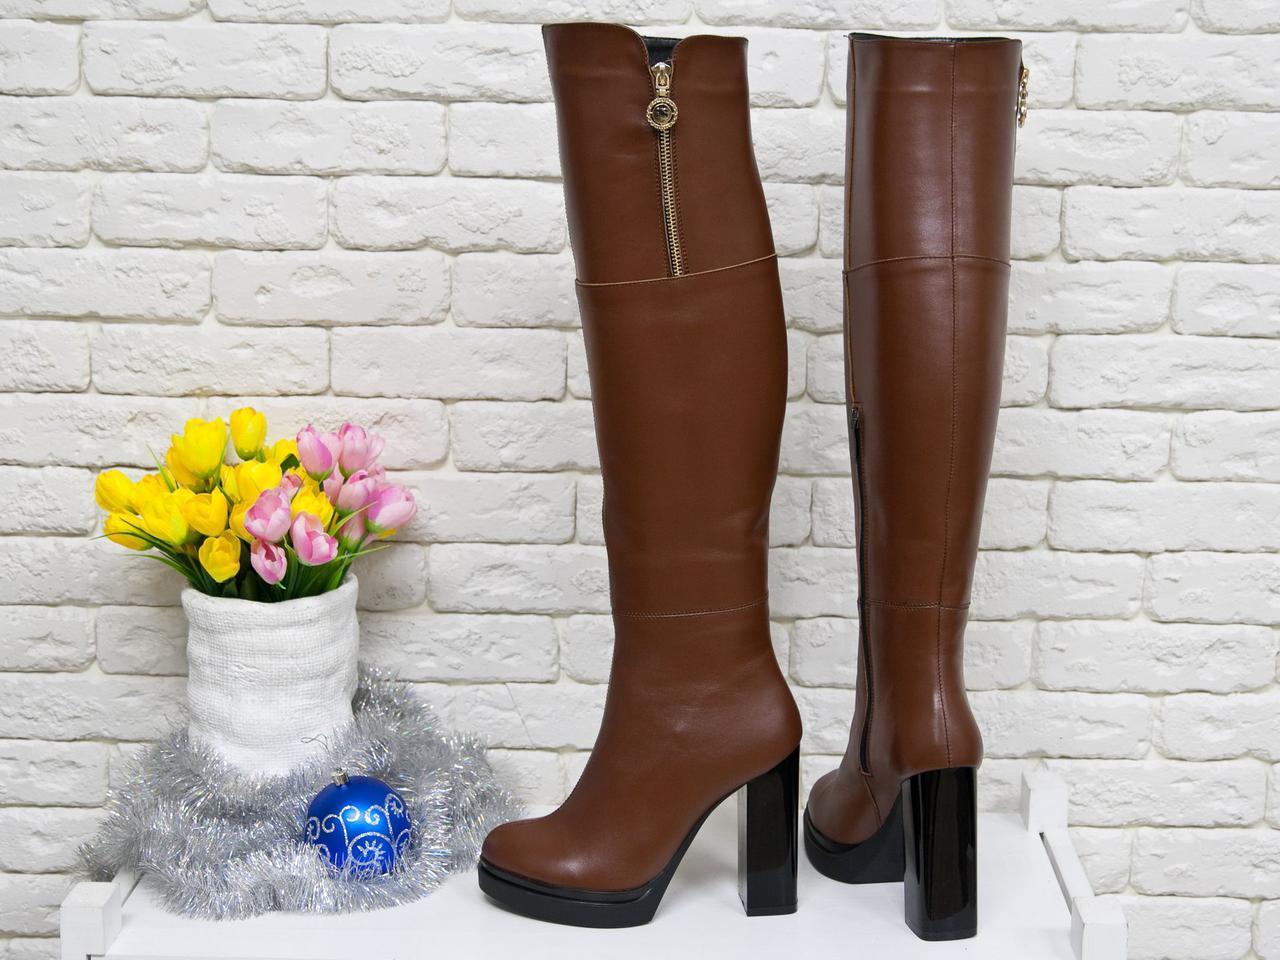 b4cffc7b568e Коричневые кожаные ботфорты на высоком каблуке Италия осень/зима - Bigl.ua